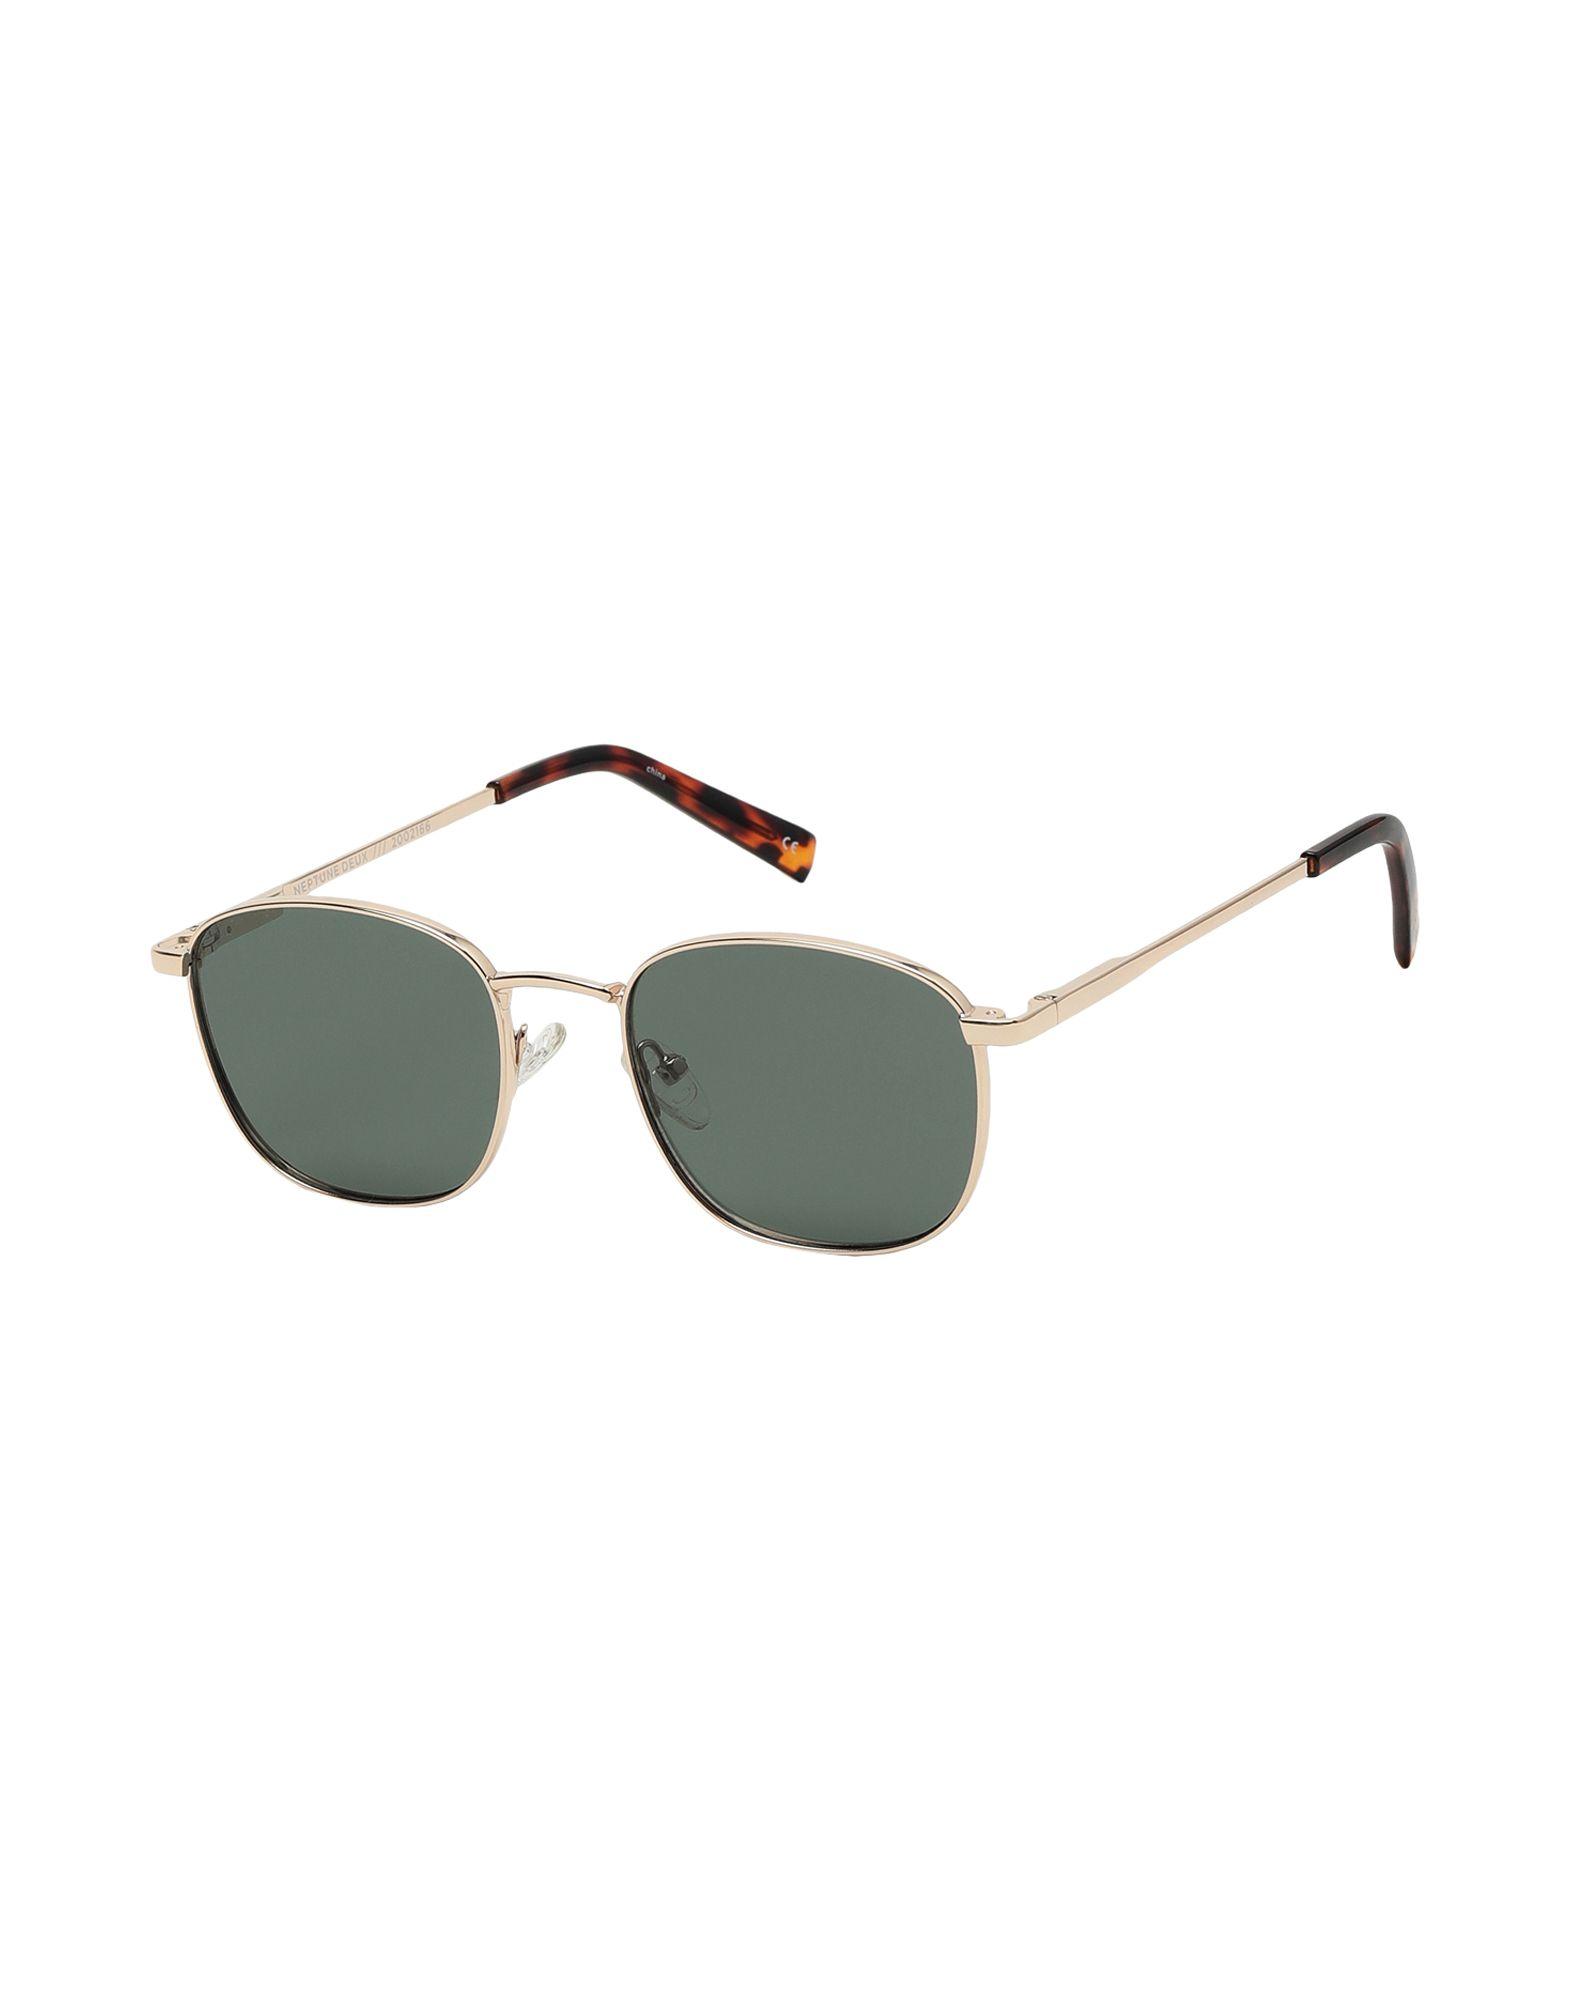 LE SPECS Солнечные очки очки велосипедные kellys projectile оправа белый глянец линзы поляризационные дымчатые